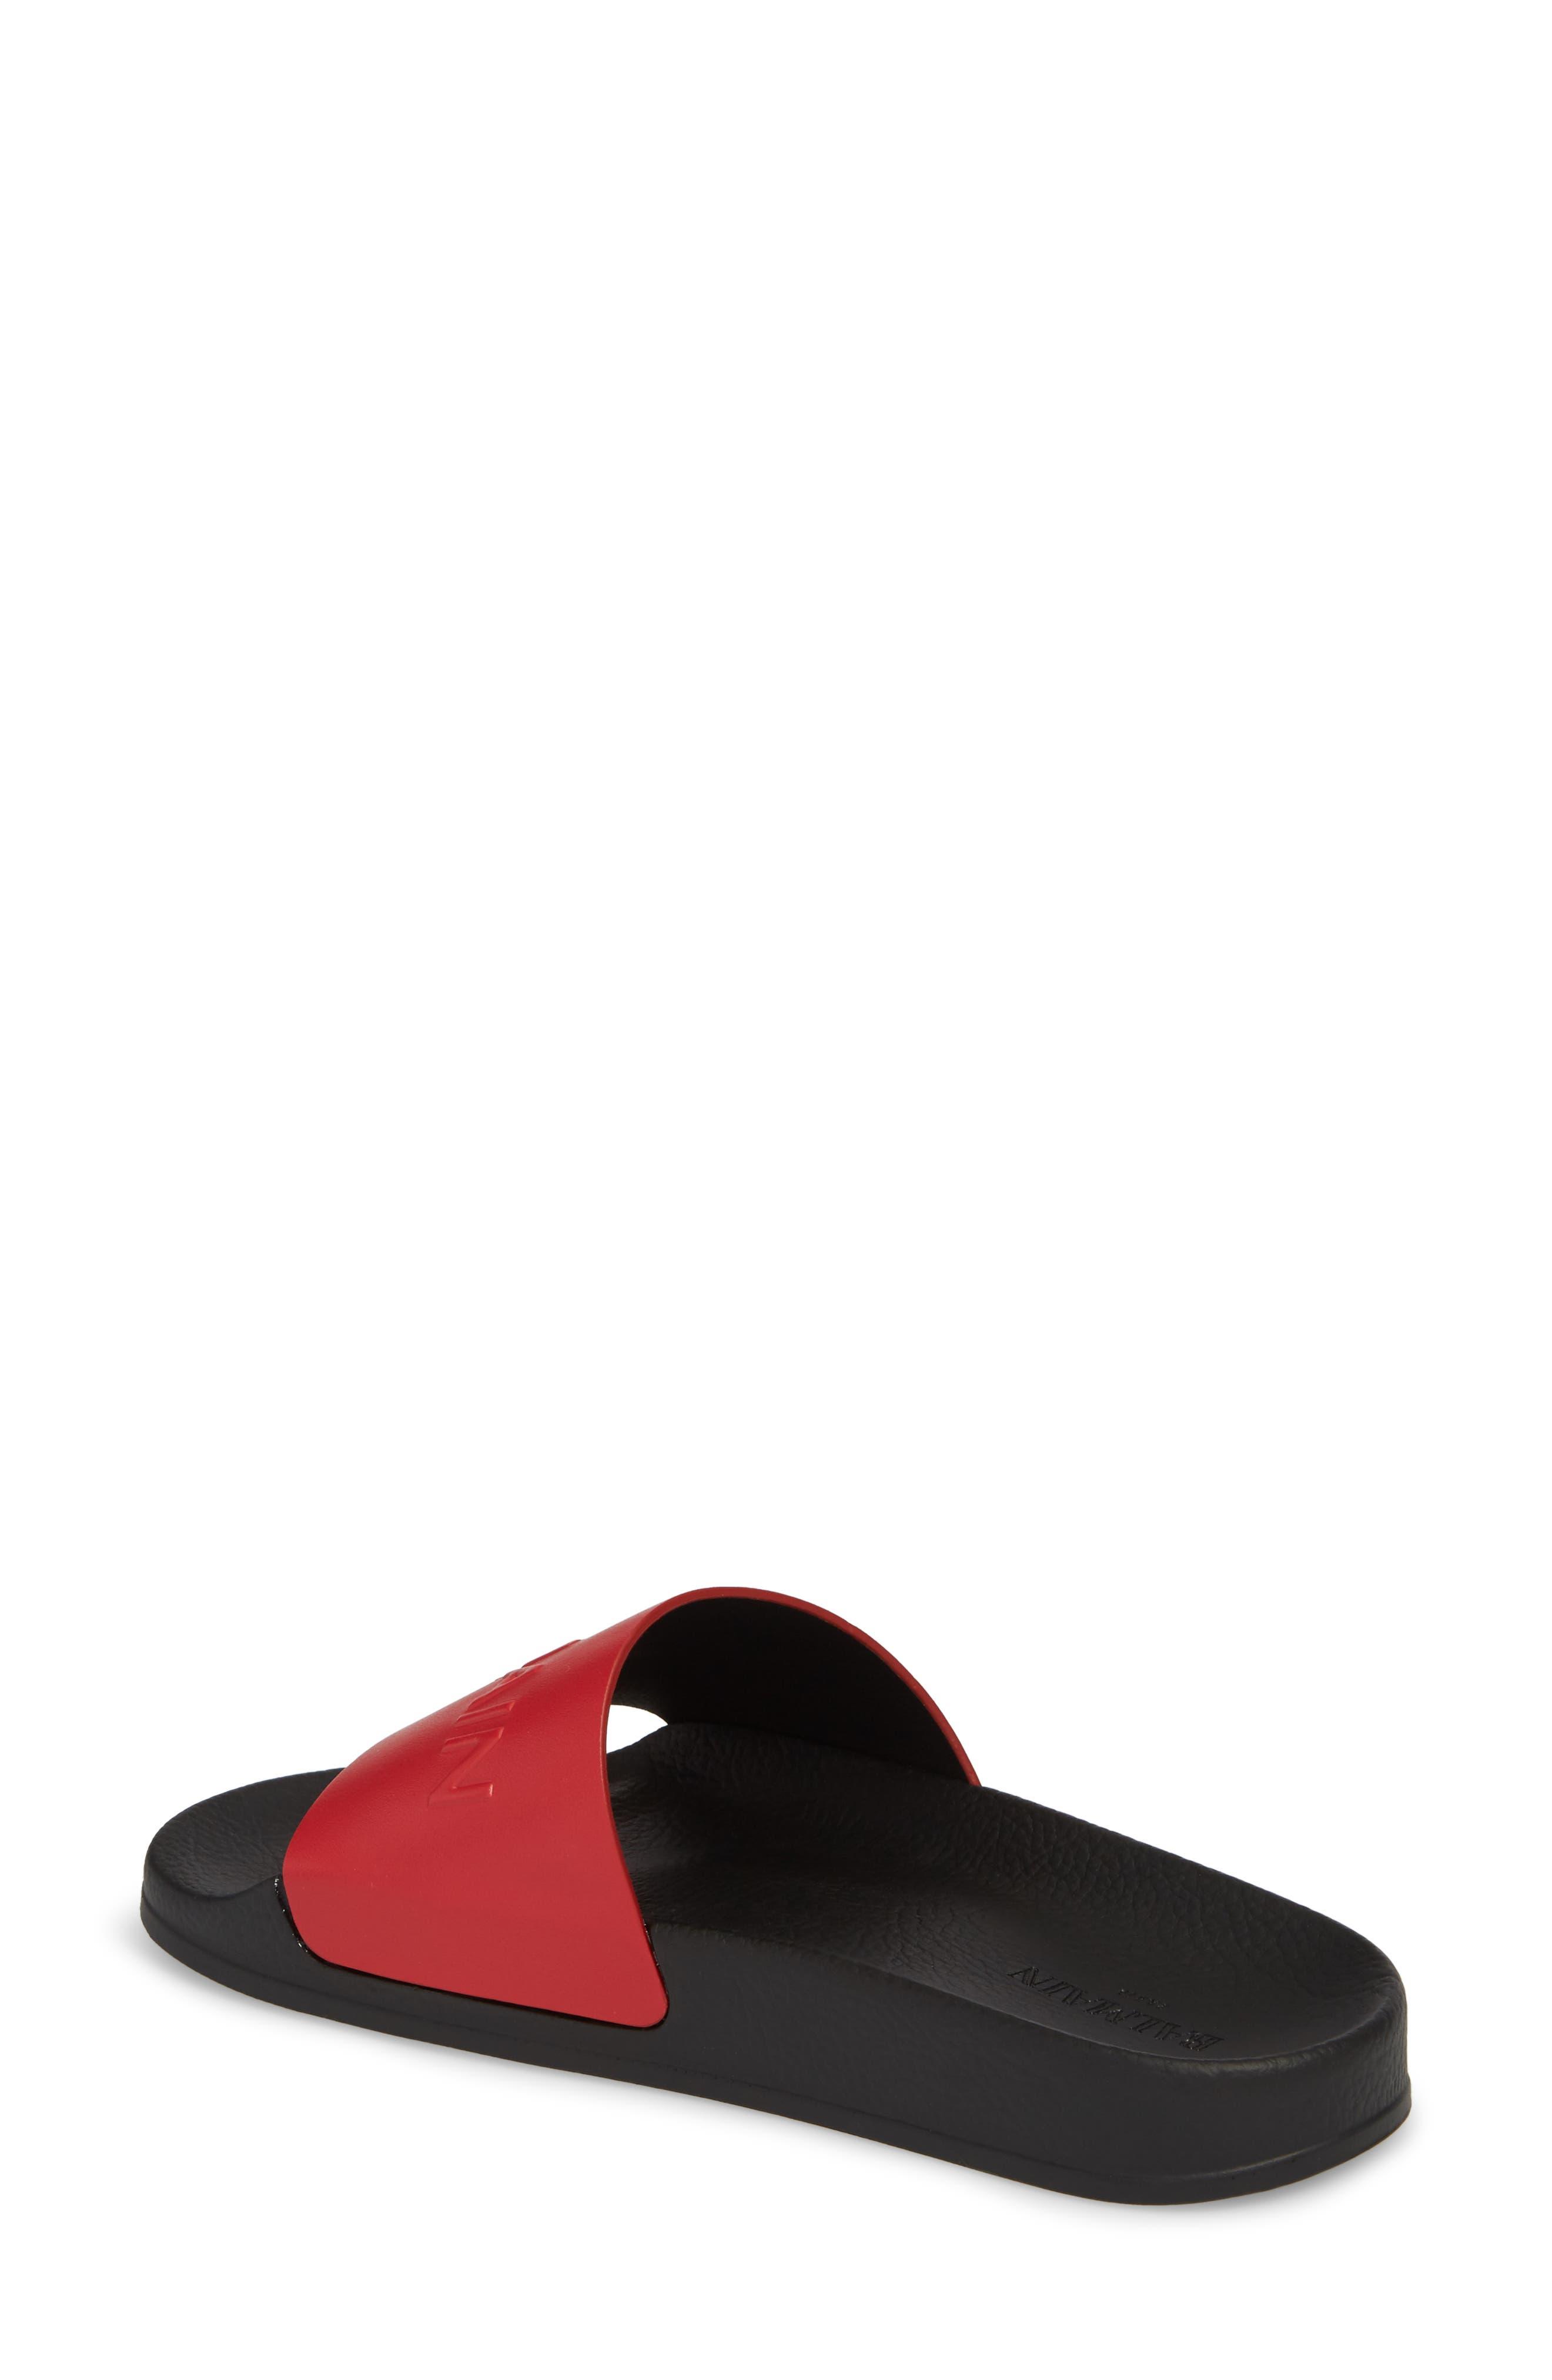 Alternate Image 2  - Balmain Calypso Logo Strap Slide Sandal (Women)